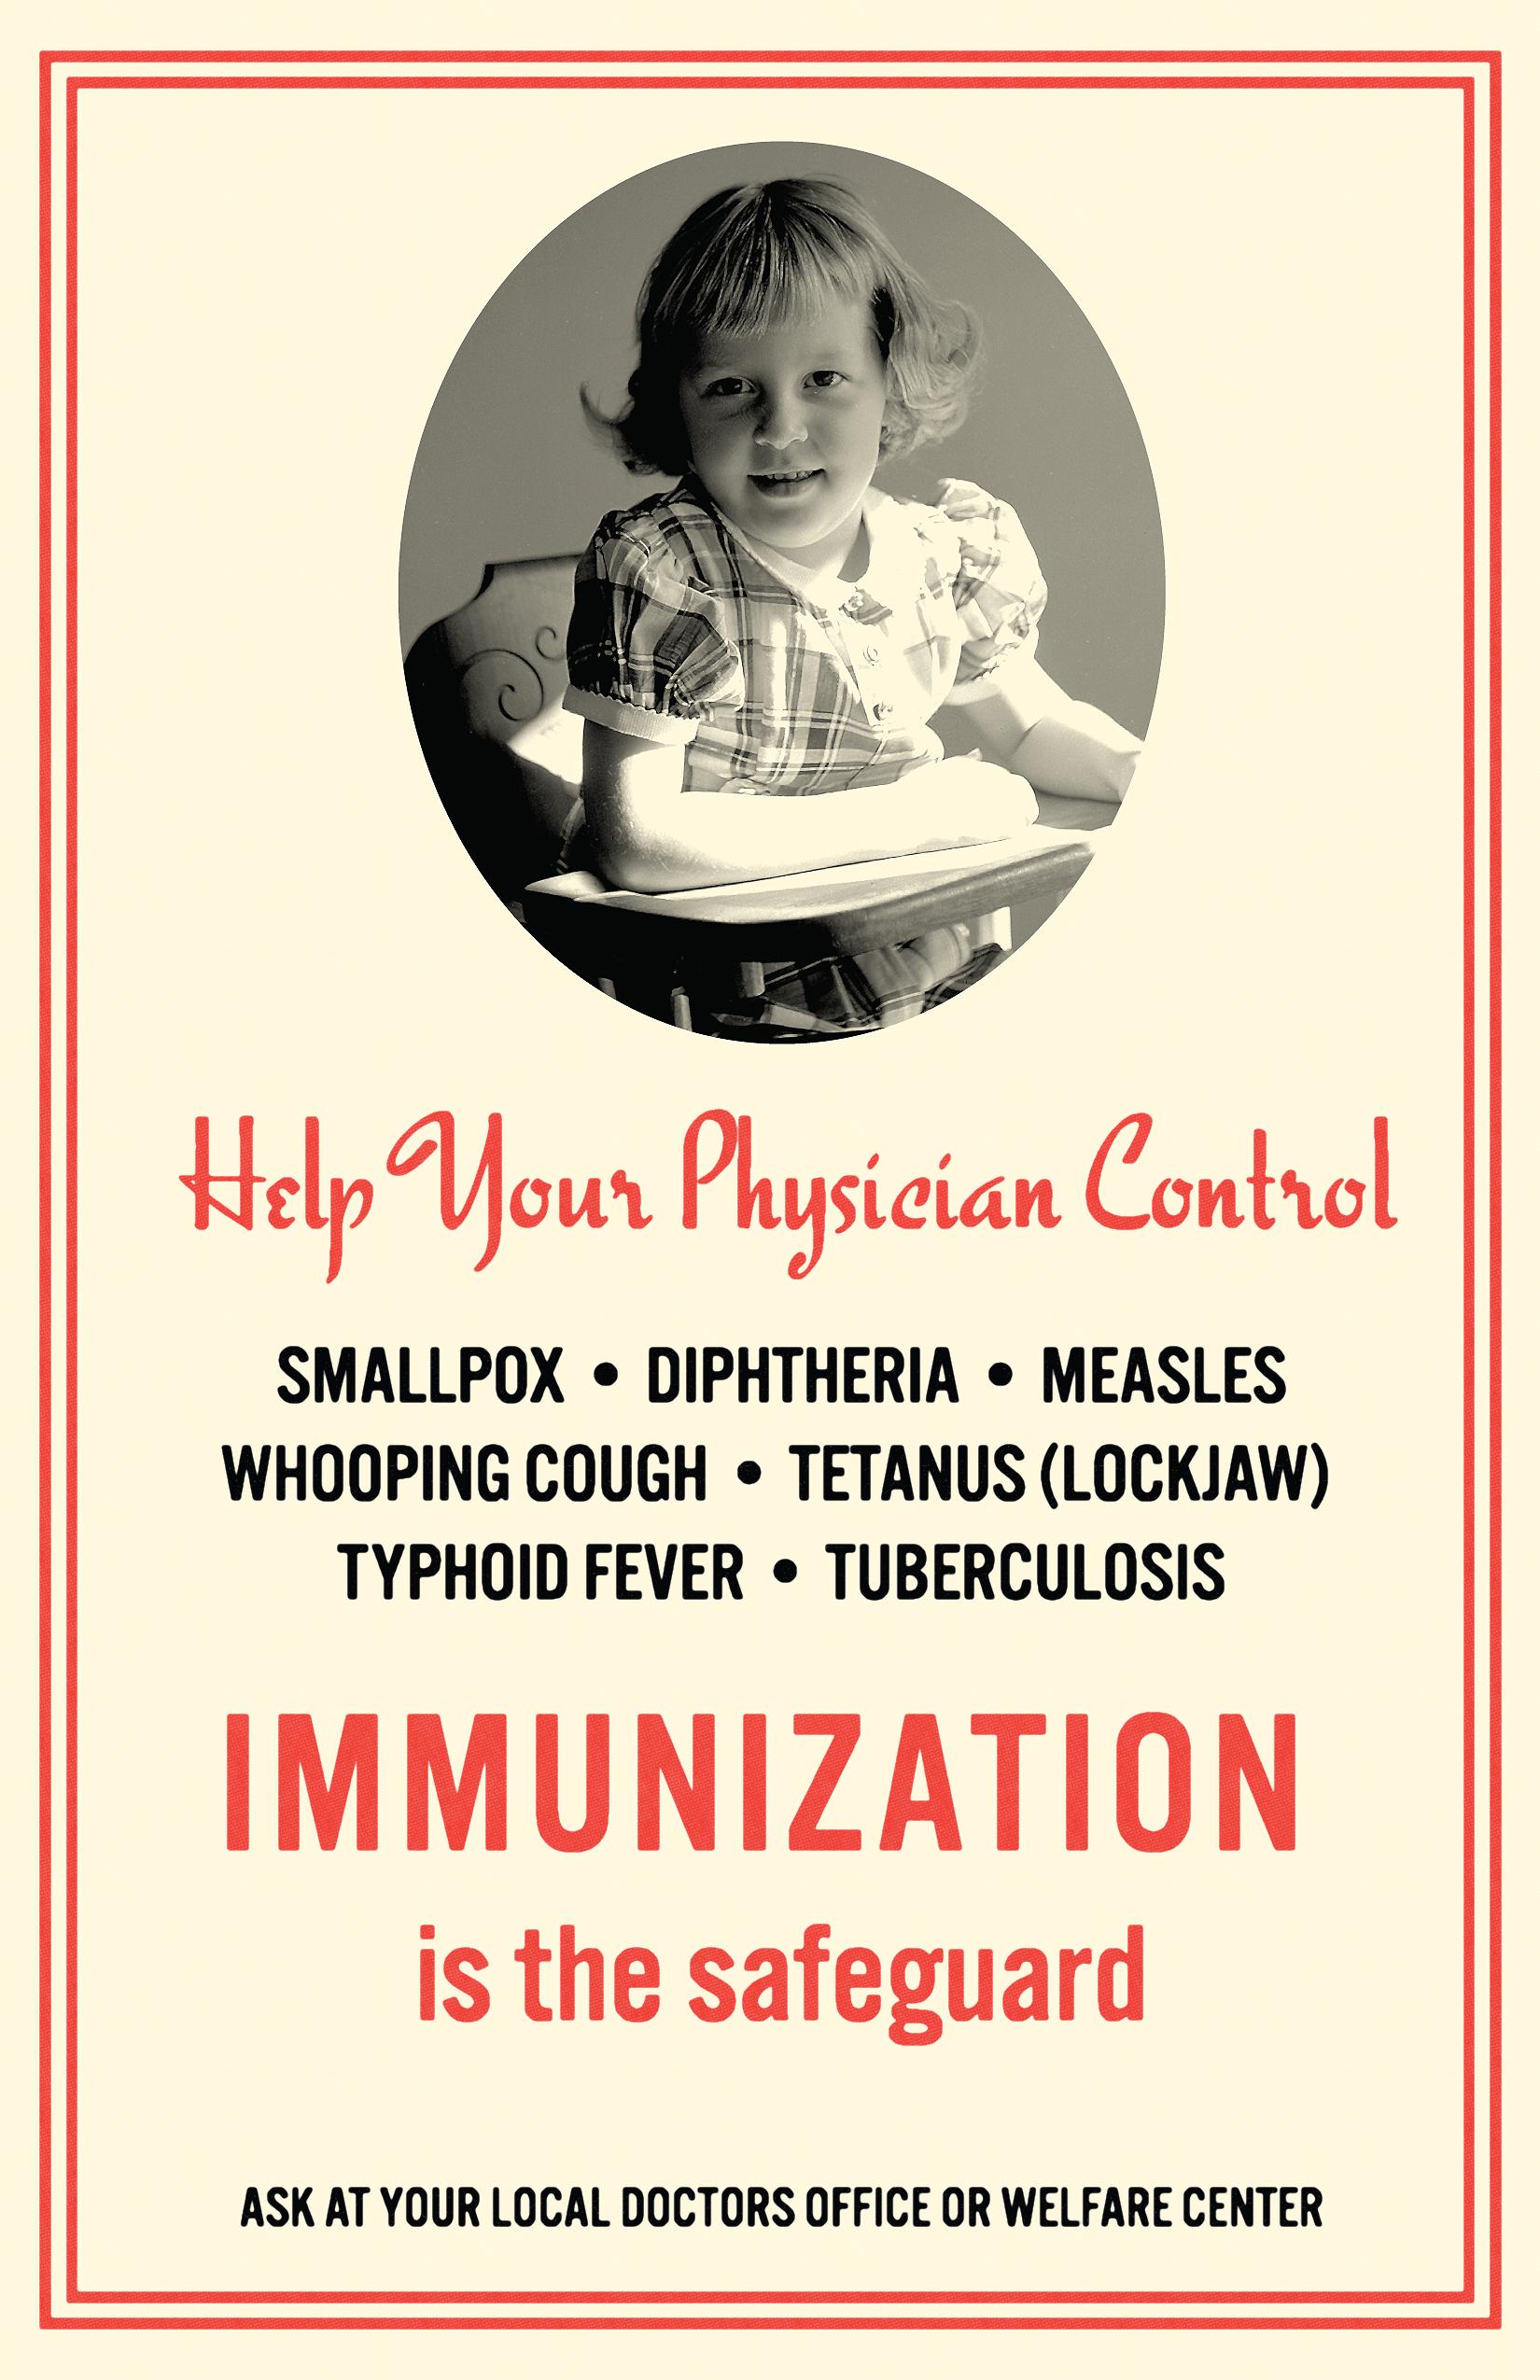 MC_smallpox.jpg